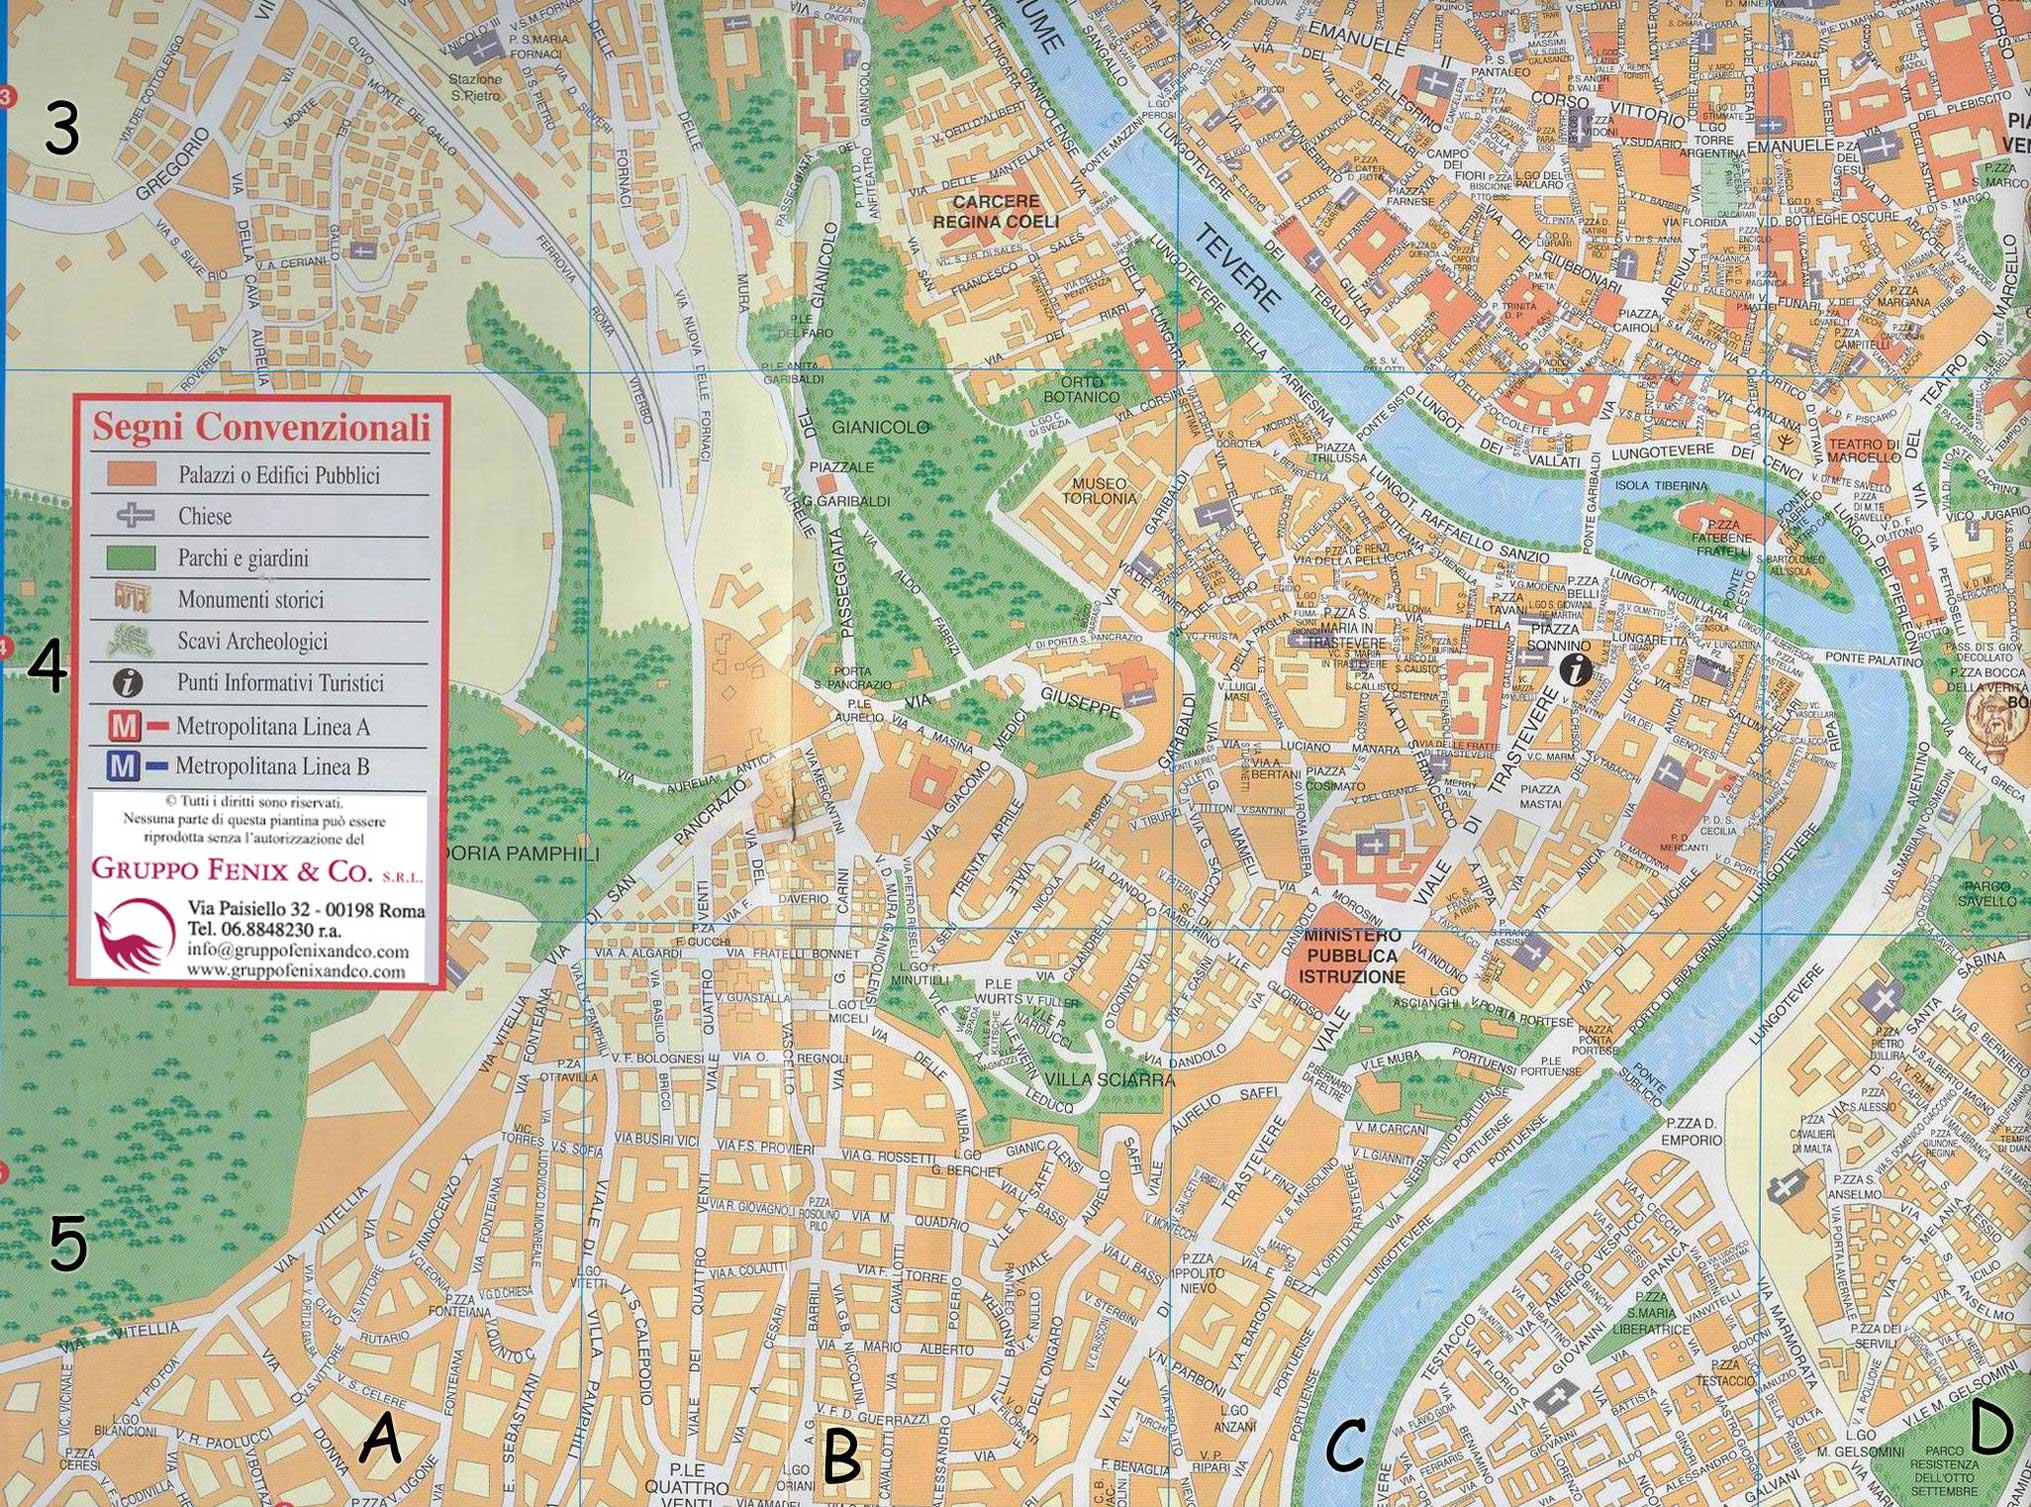 róma térkép Róma: Trastevere térkép (kép) róma térkép